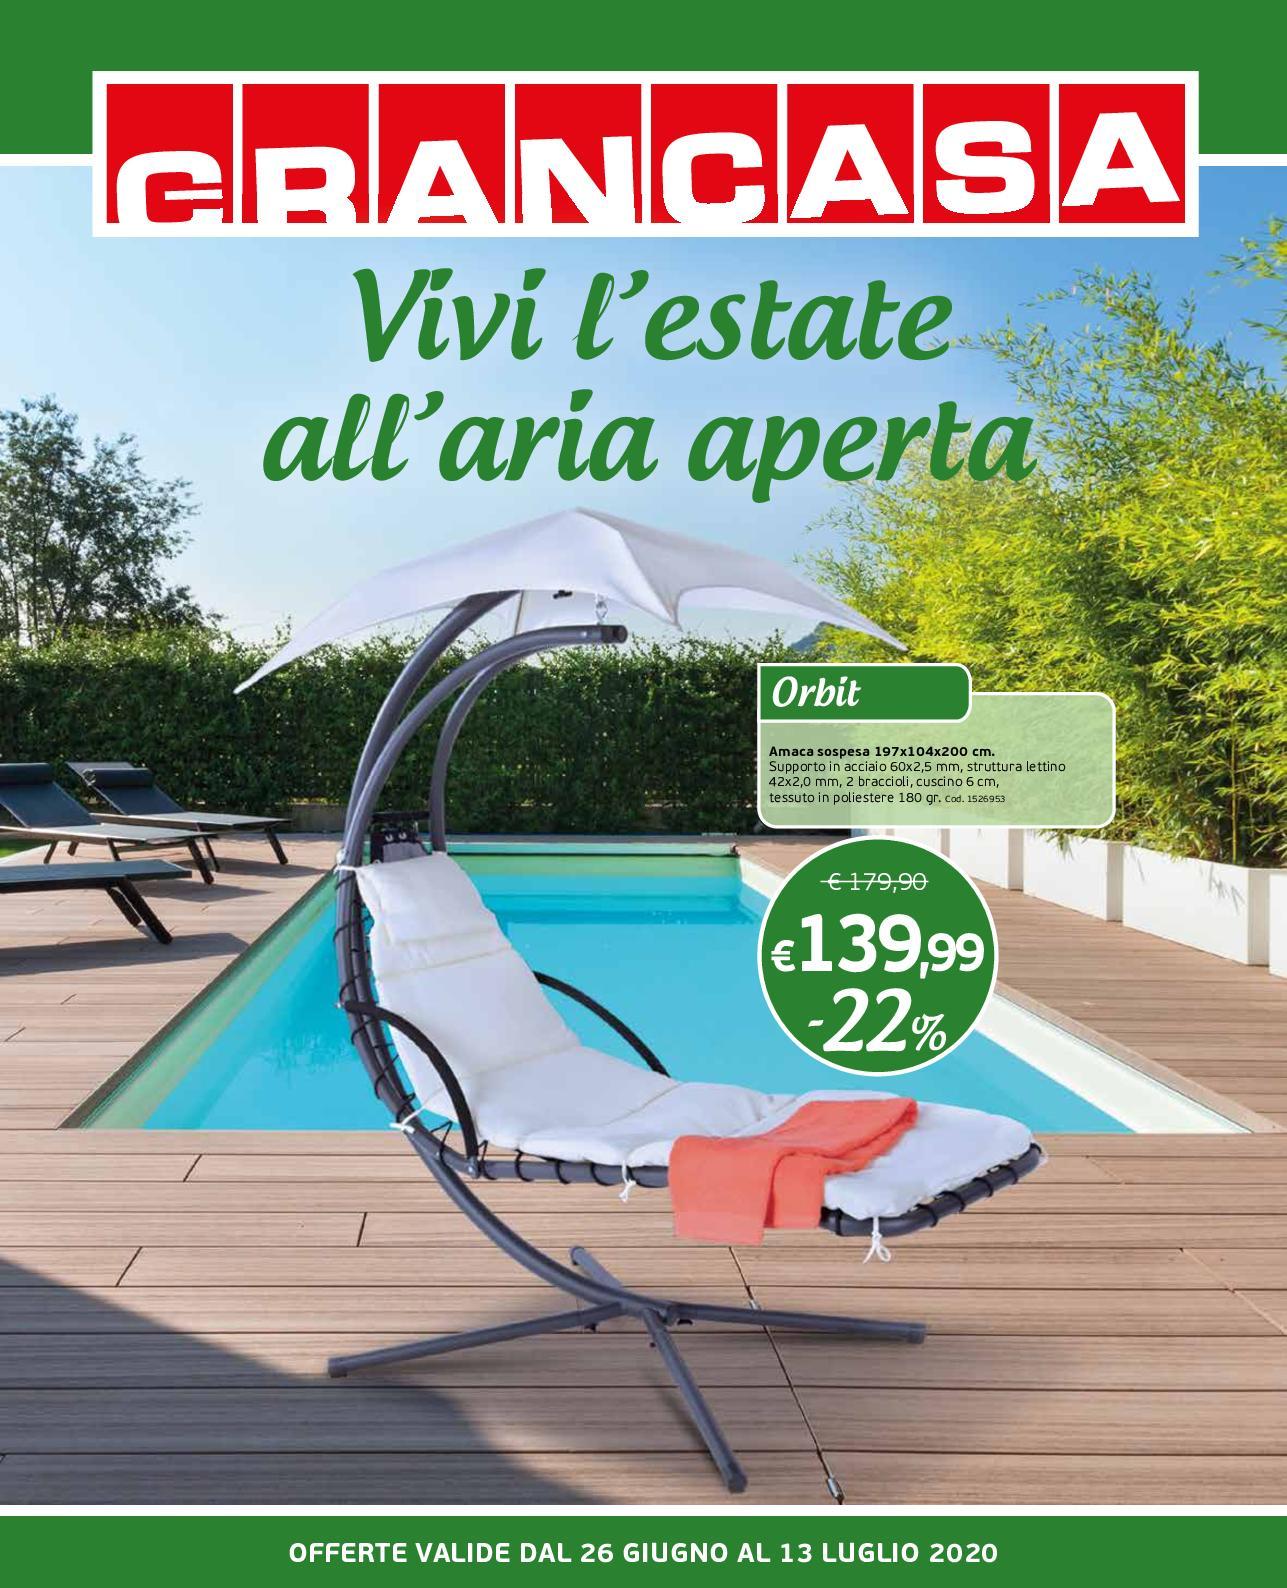 Grancasa Garden Calameo